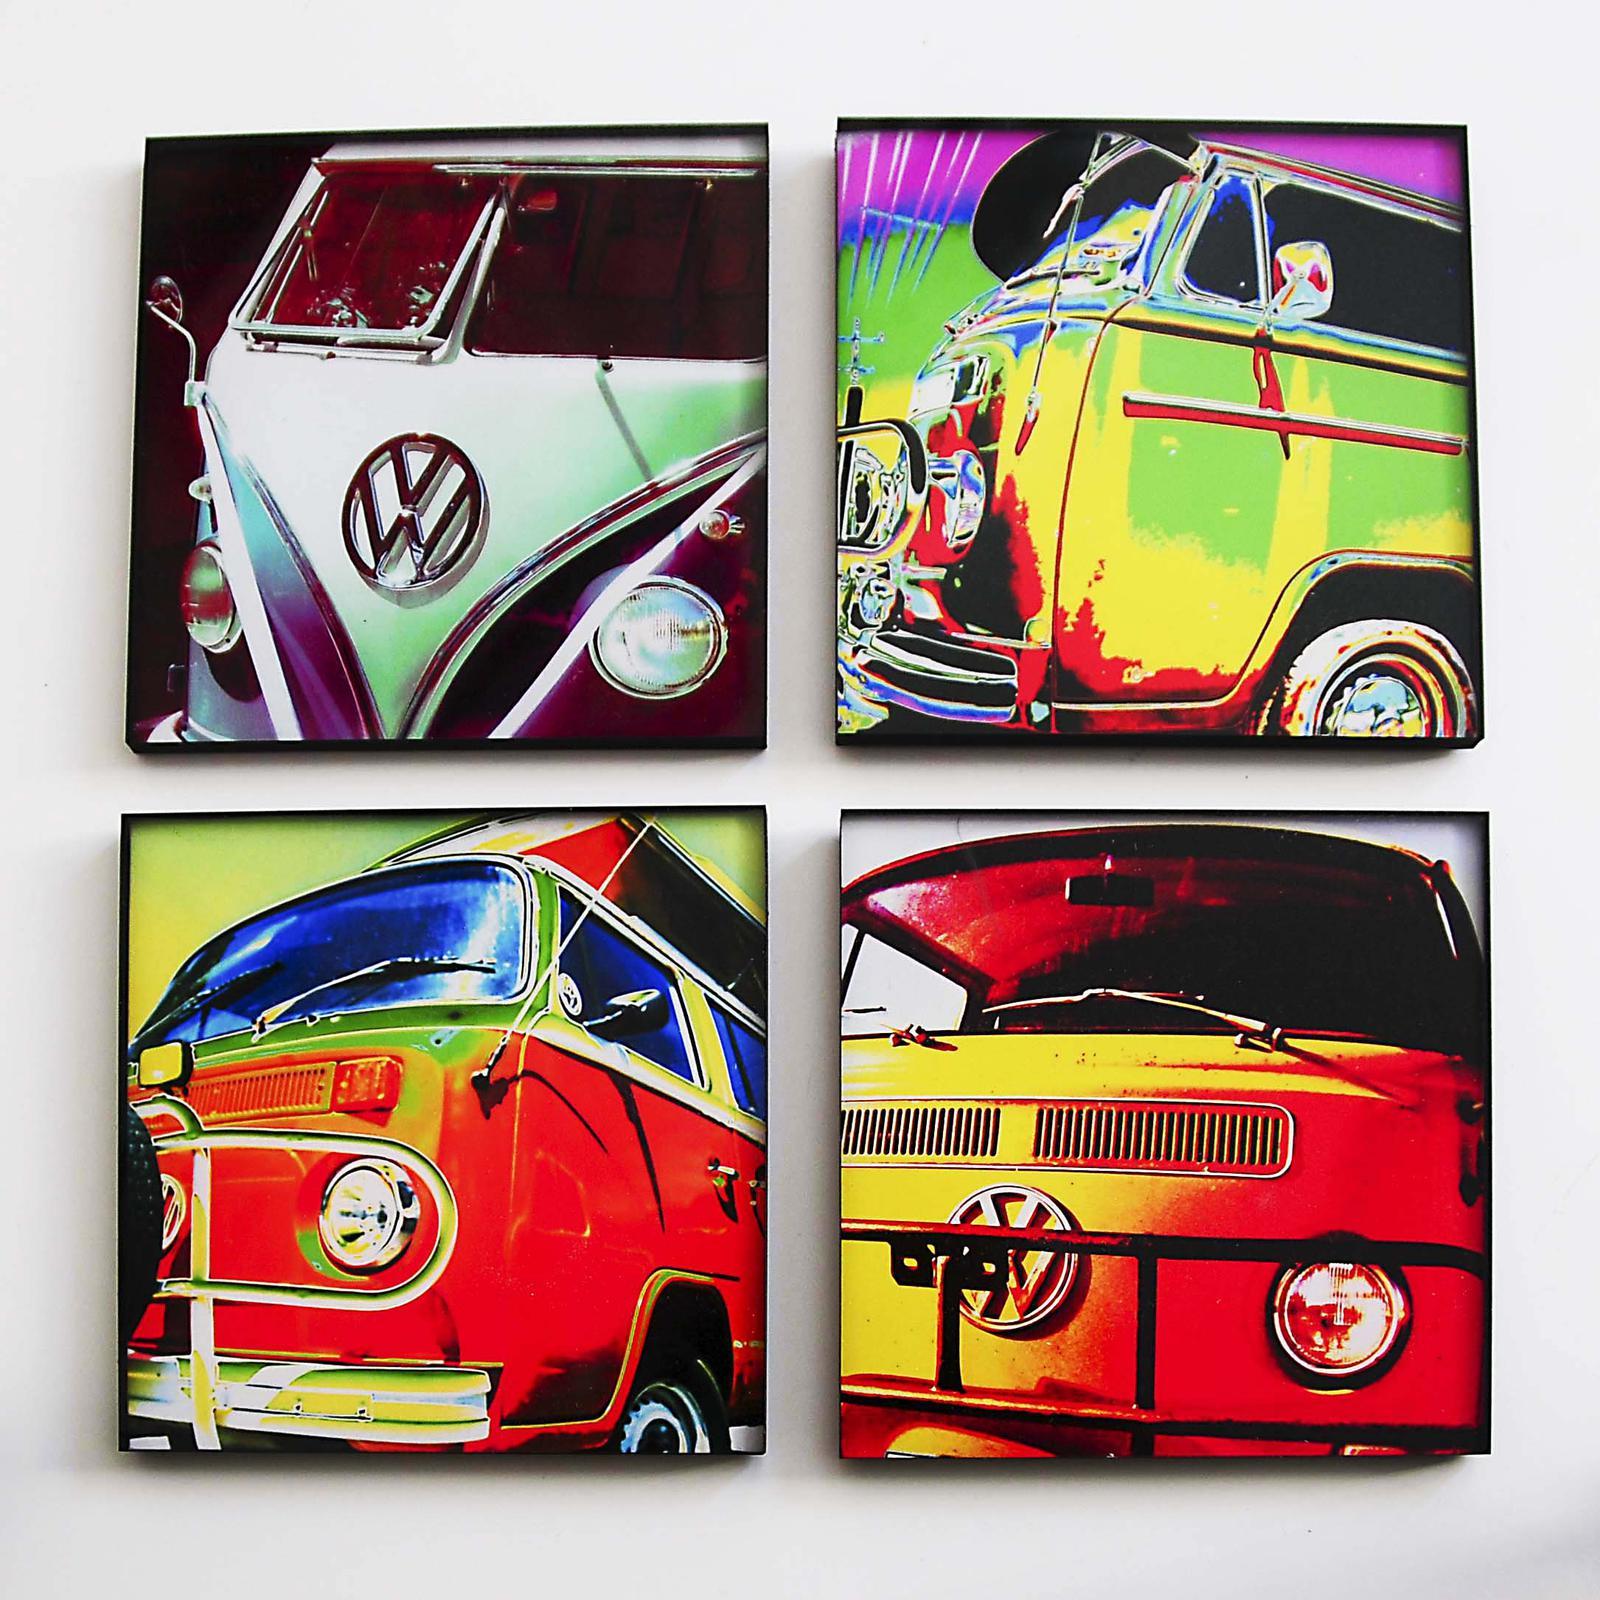 Acrylic photo wall deco blocks - also custom made